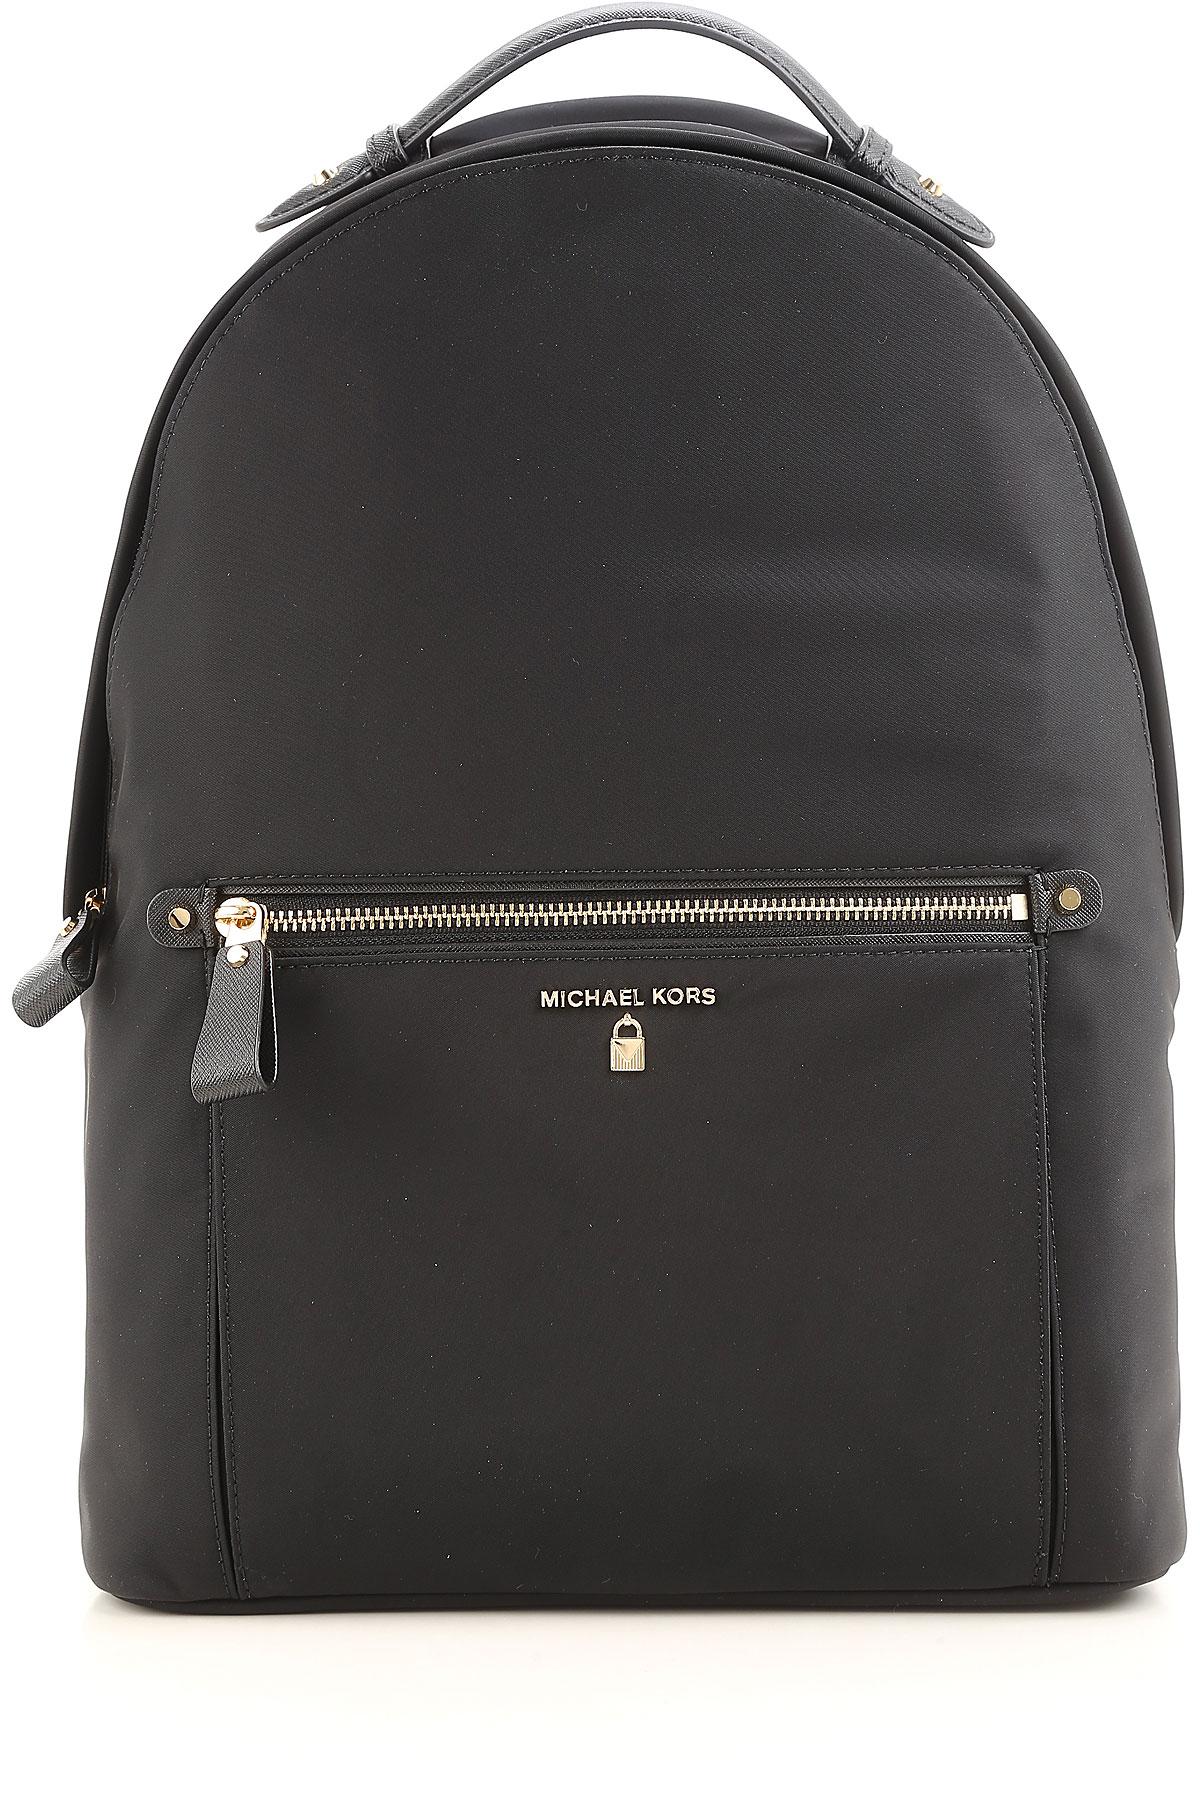 Image of Michael Kors Backpack for Women, Black, Nylon, 2017